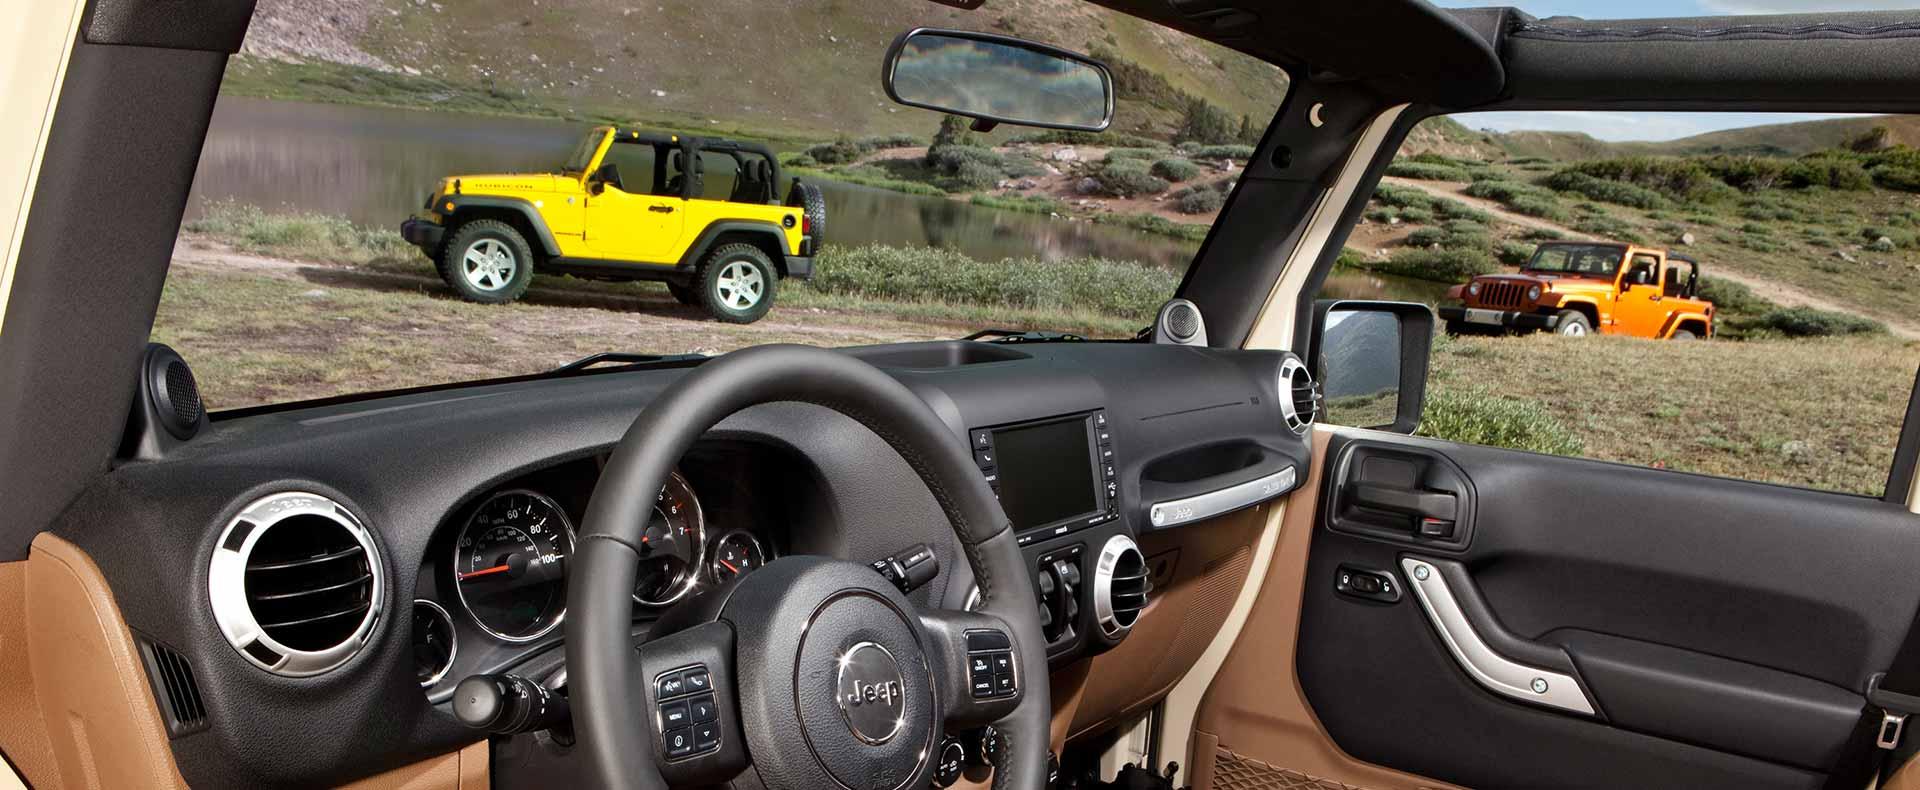 Refacciones y Accesorios Exteriores e Interiores Jeep